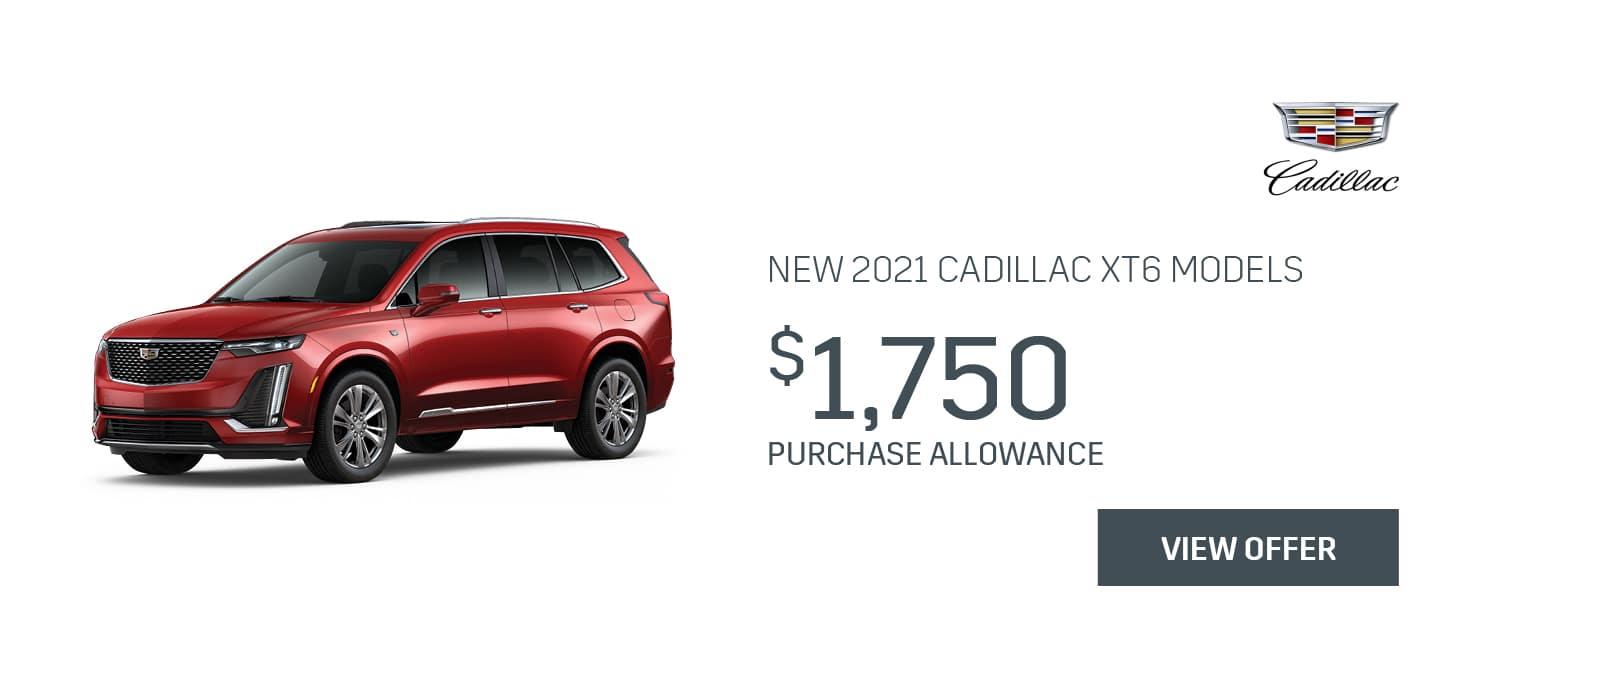 2021 Cadillac XT6 Models